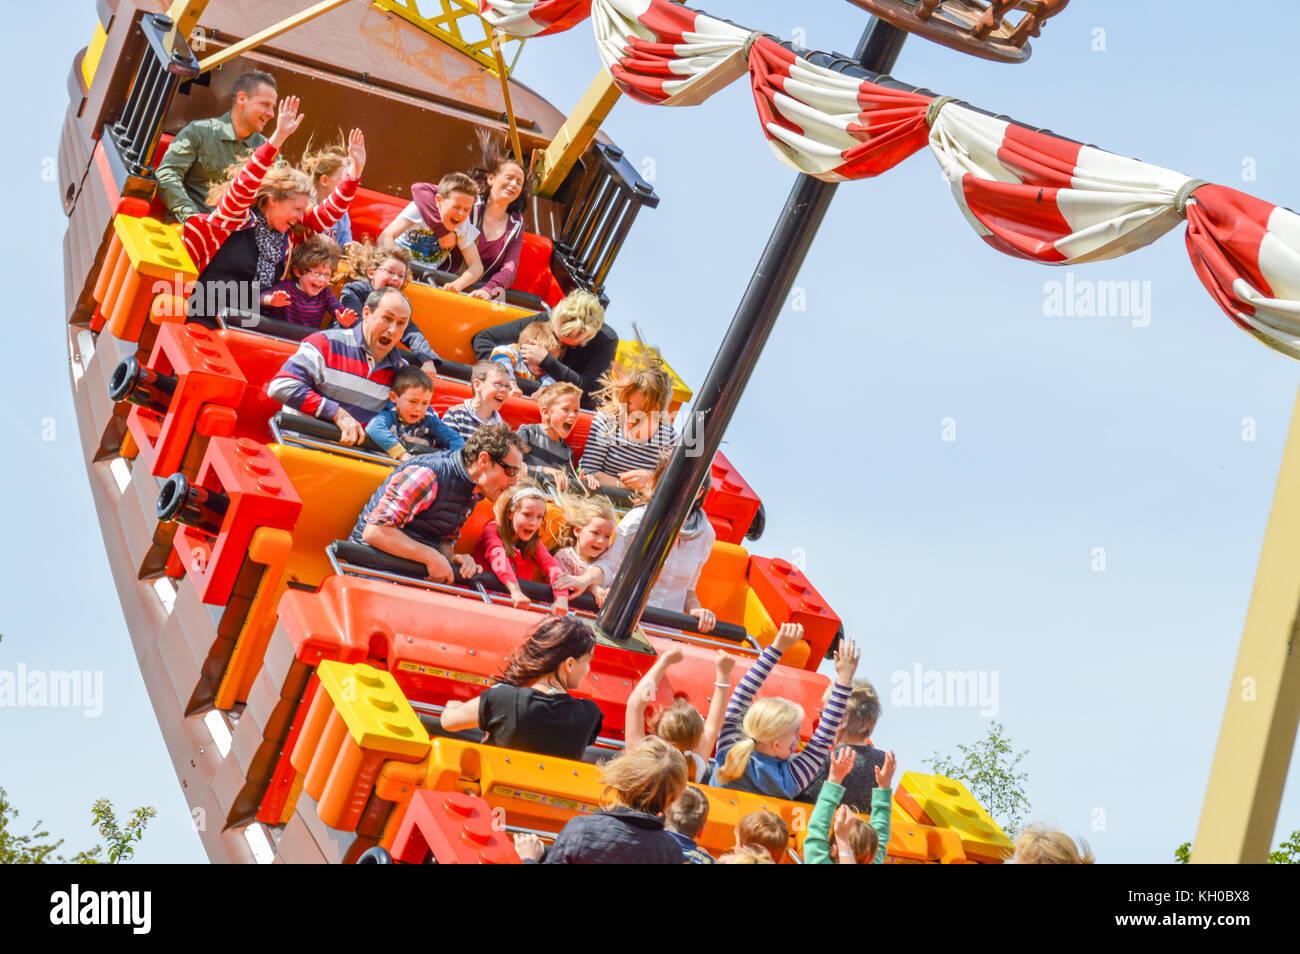 WINDSOR, BERKSHIRE. ENGLAND UK- APRIL 20 2016 : Legoland resort. People enjoying one of the many rides at Legoland Stock Photo